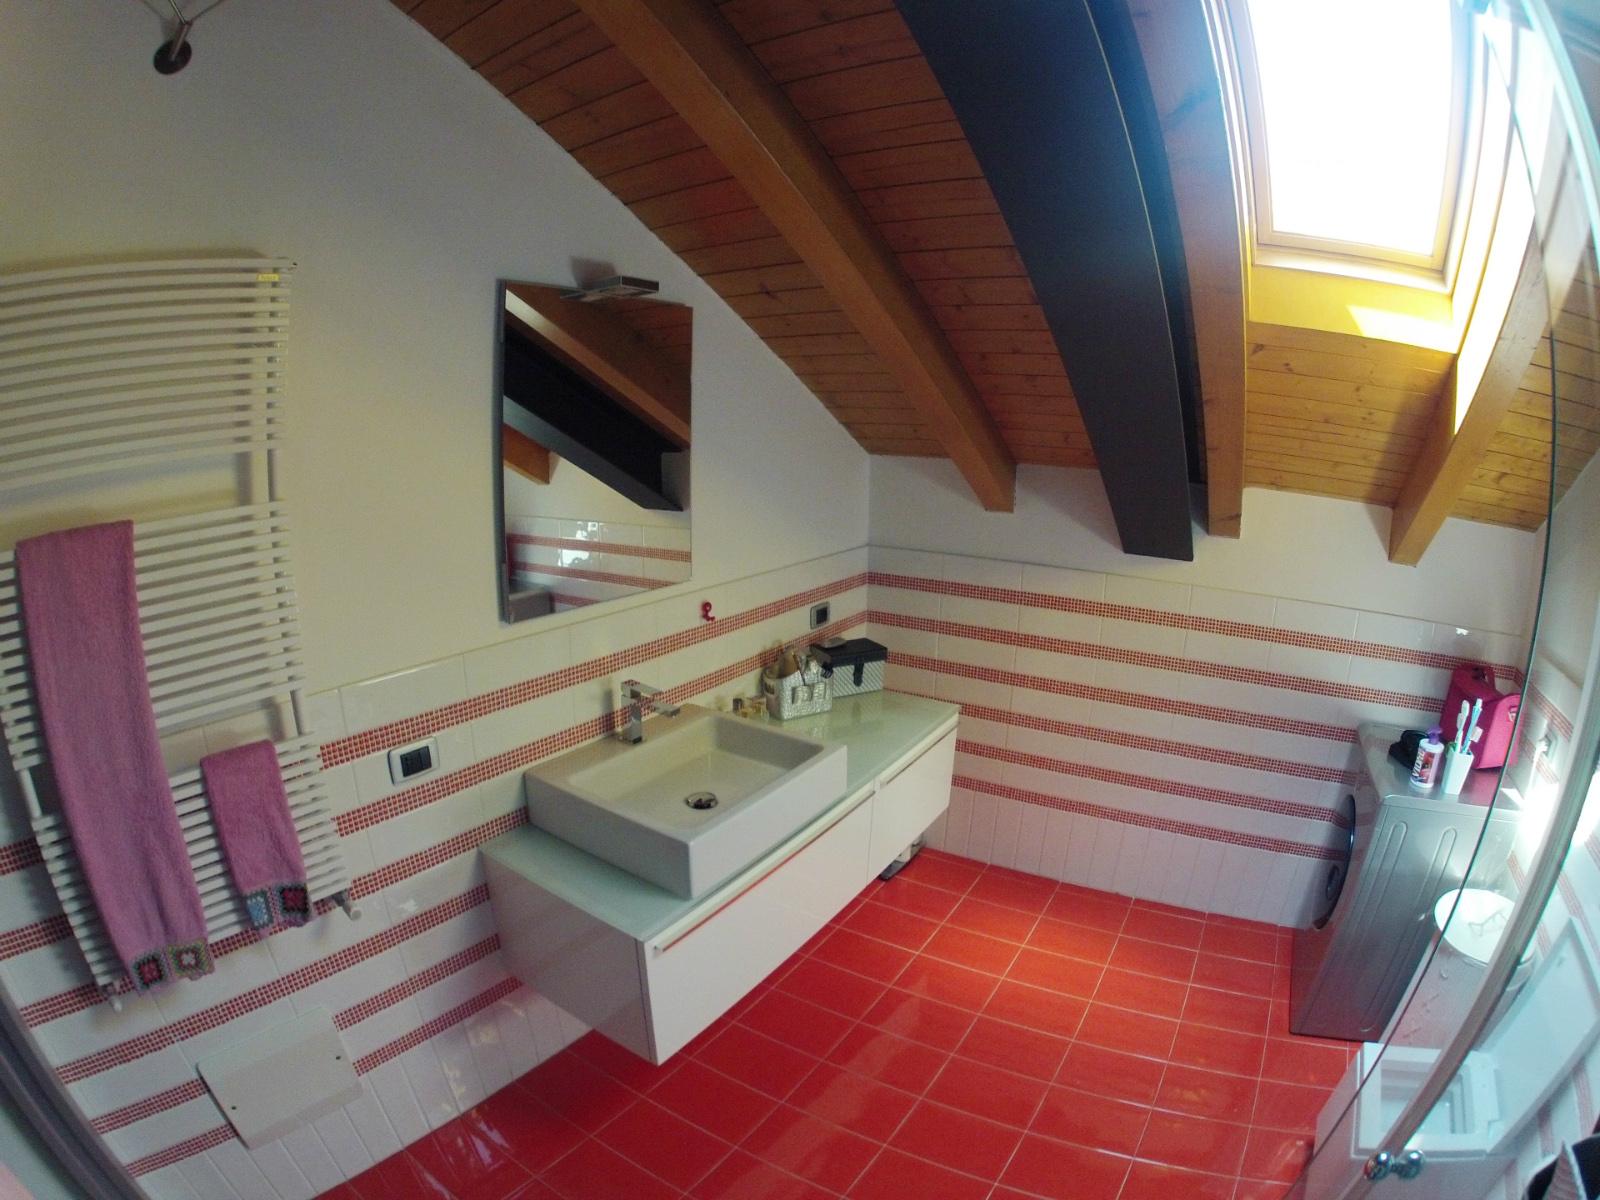 Works sintesibagno progetto e realizzazione arredobagno bagno mansarda - Bagno in mansarda ...